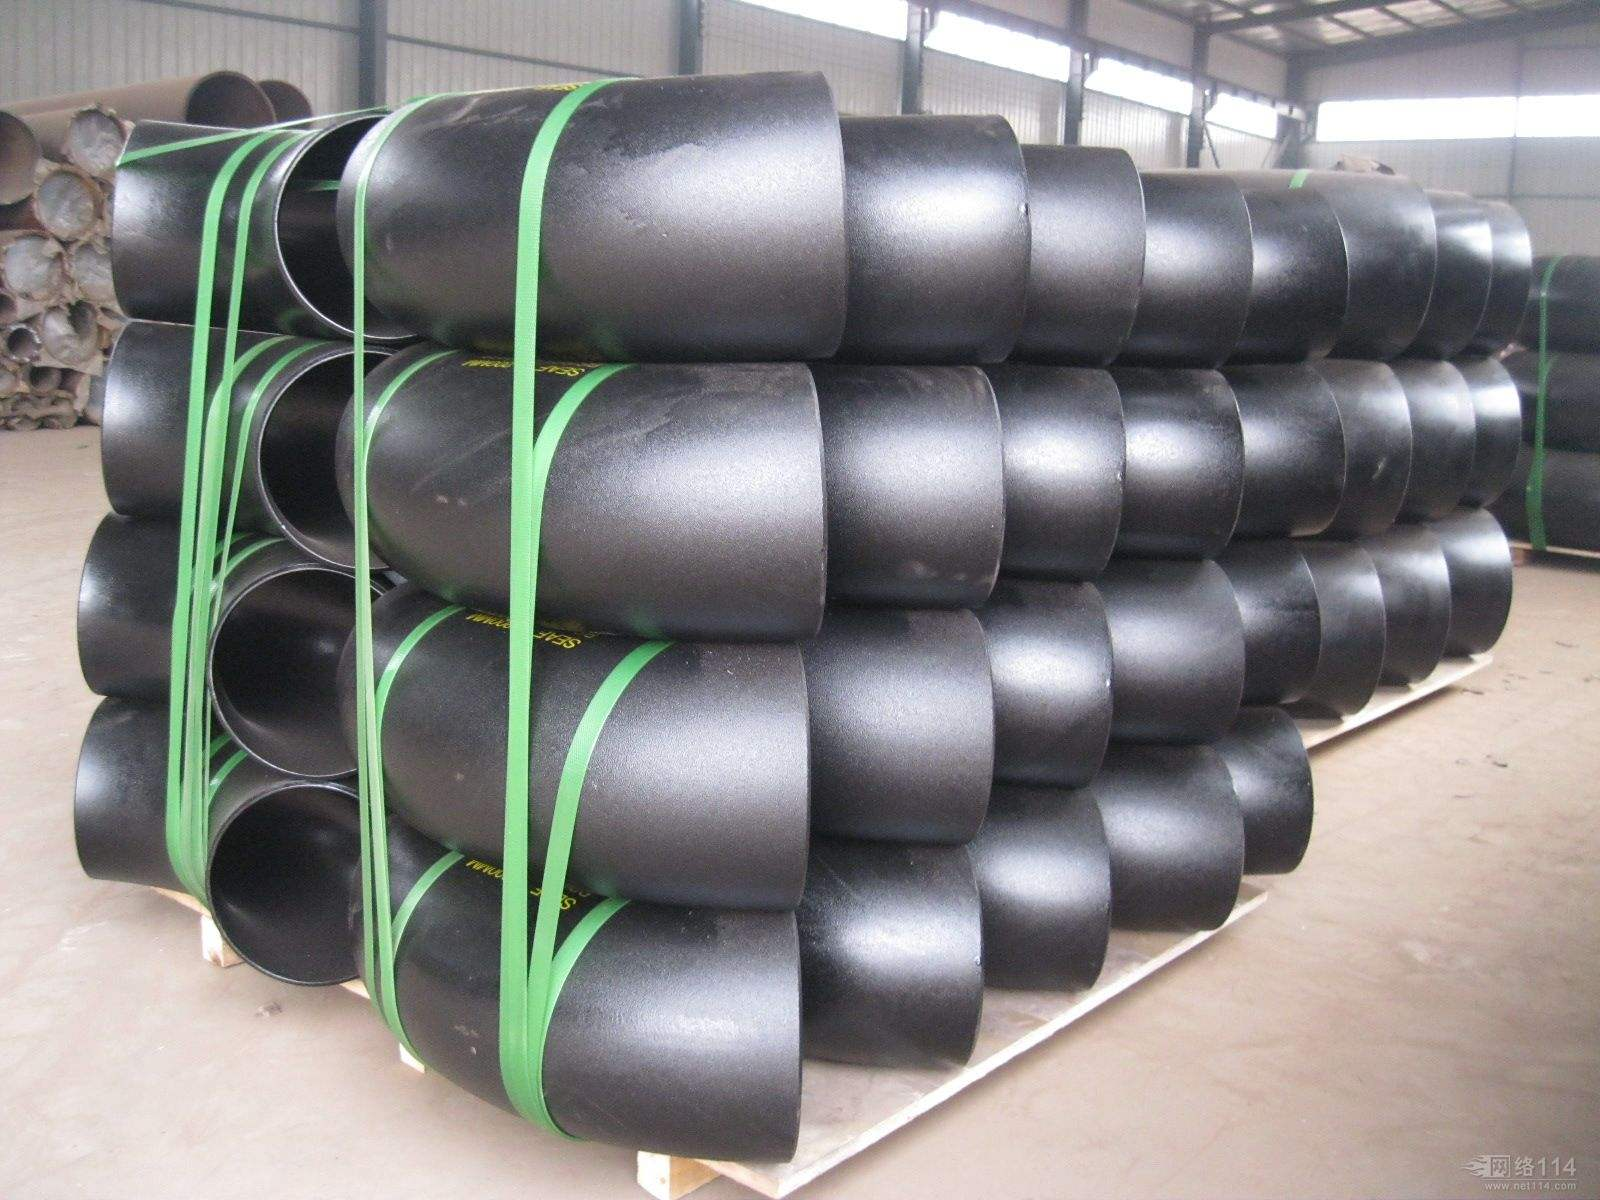 碳钢弯头厂家|供应河北质量良好的碳钢冲压弯头